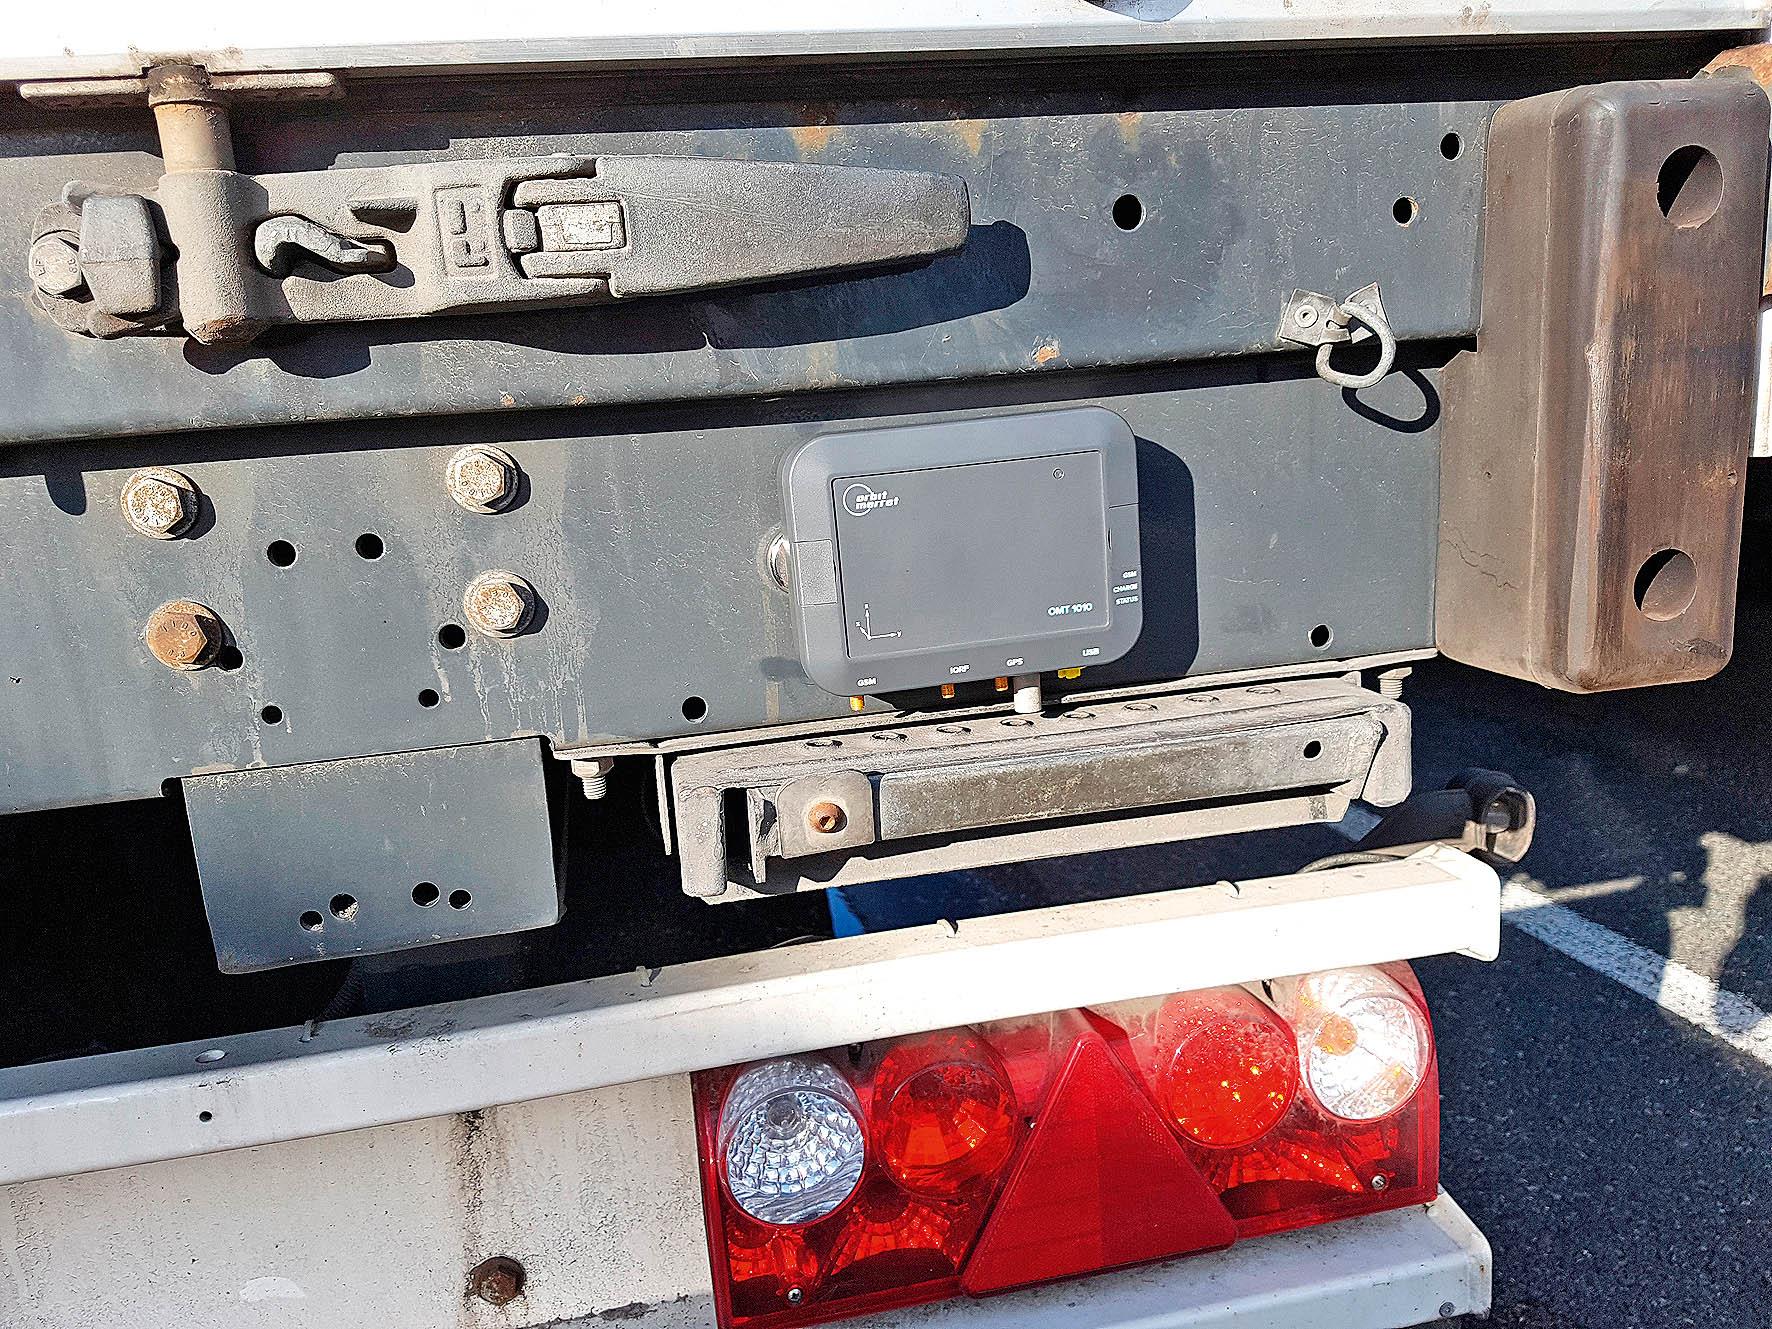 Monitorovací modul OMT 1010 firmy Orbit Merret se nyní testuje na různých typech přeprav.